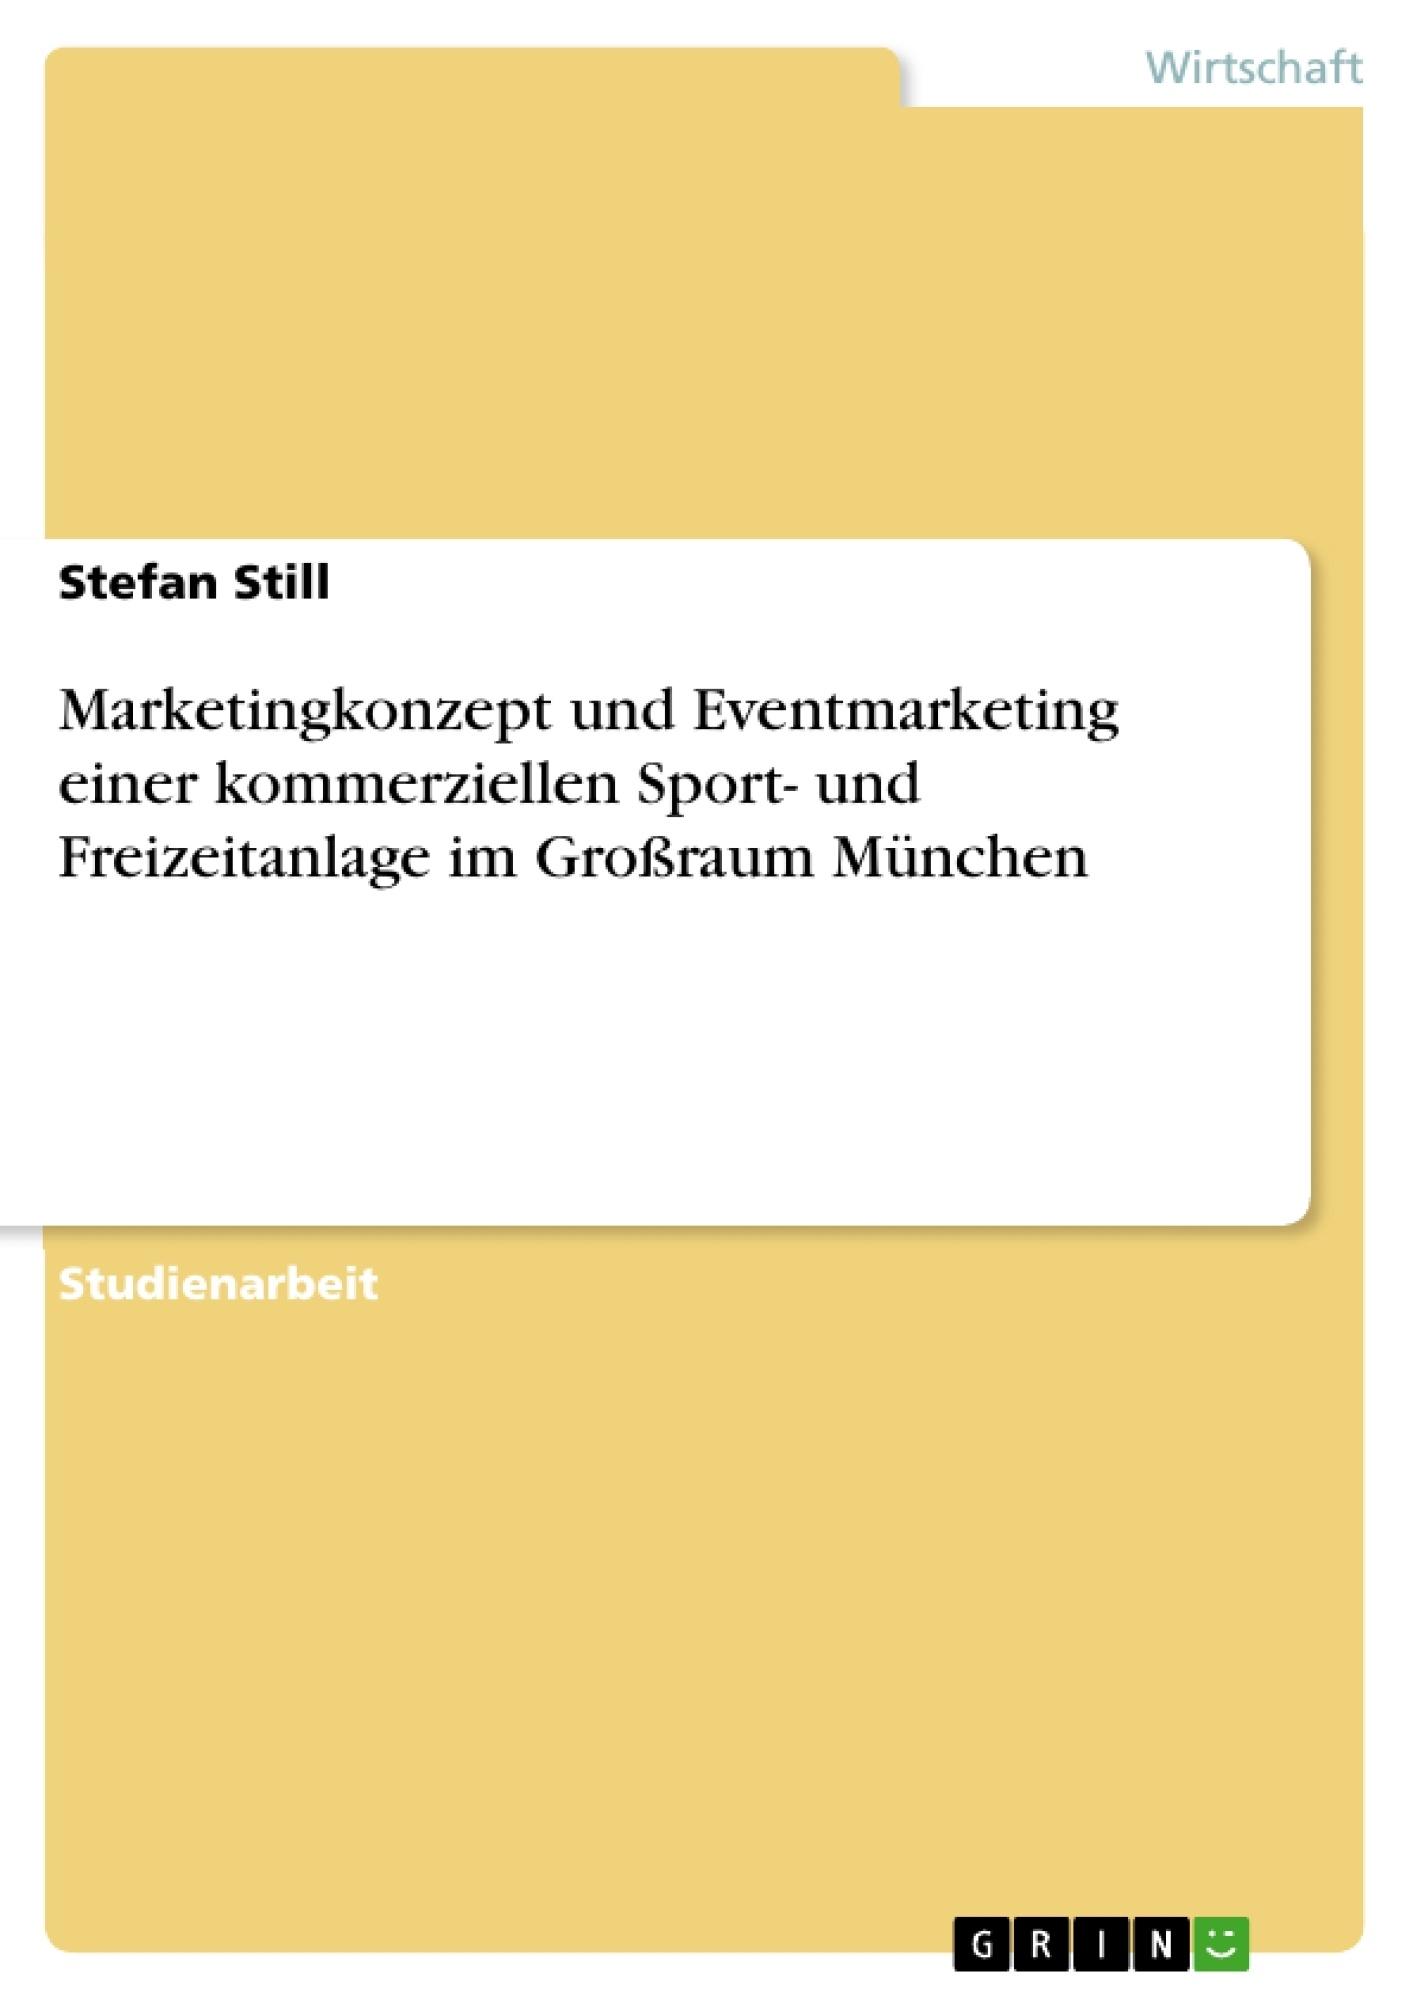 Titel: Marketingkonzept und Eventmarketing einer kommerziellen Sport- und Freizeitanlage im Großraum München